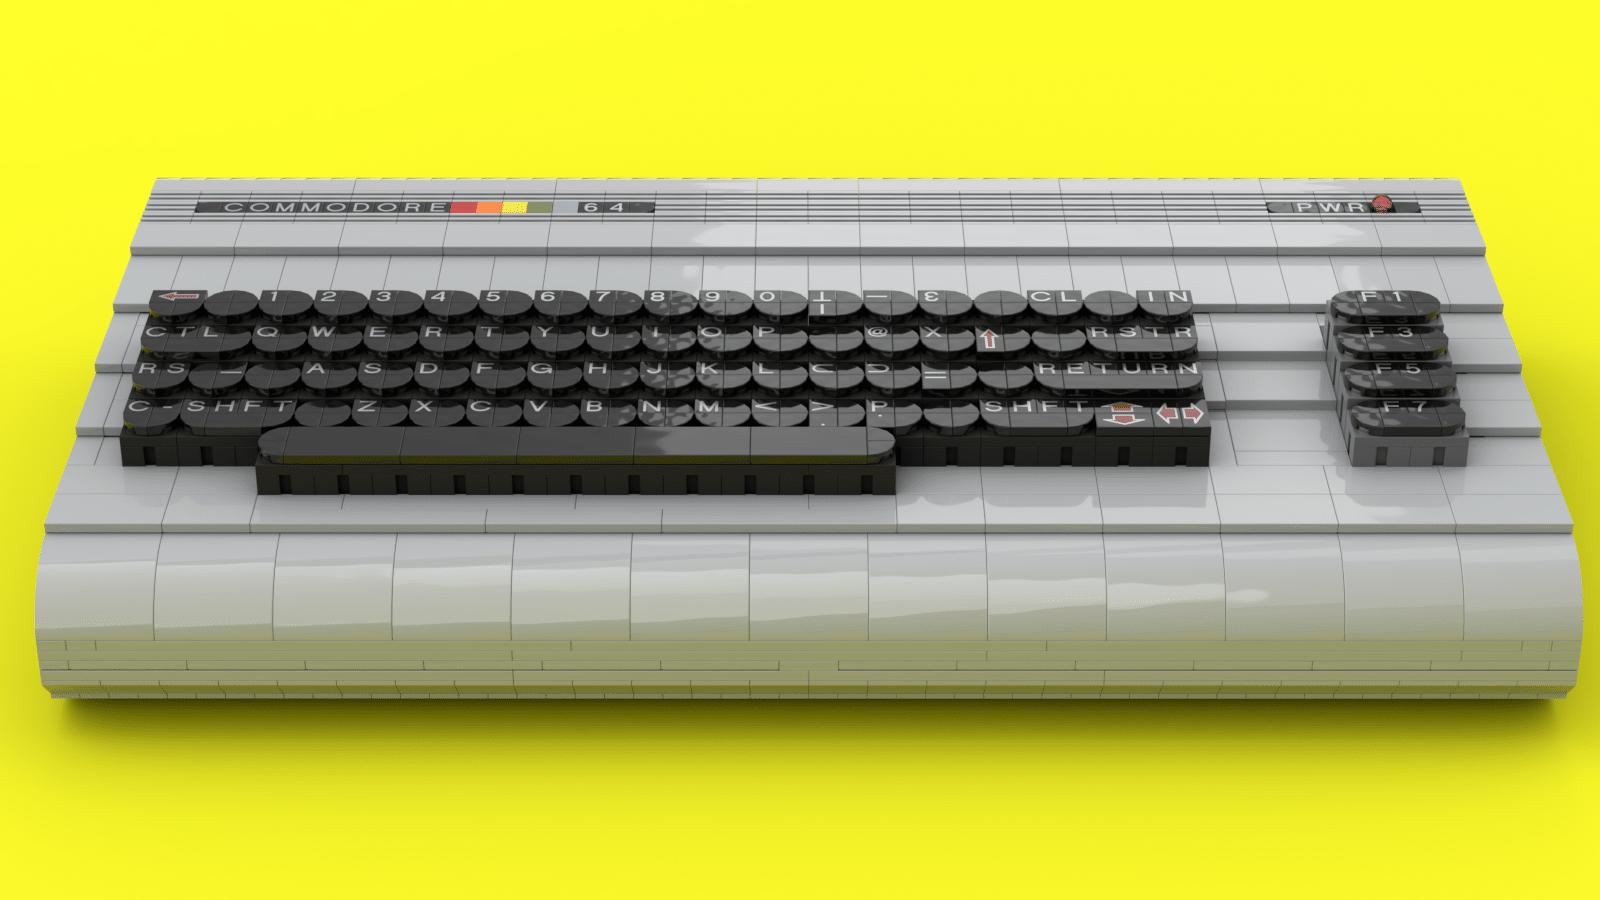 Ein LEGO C64 in Originalgröße. (Foto: Perifractic)